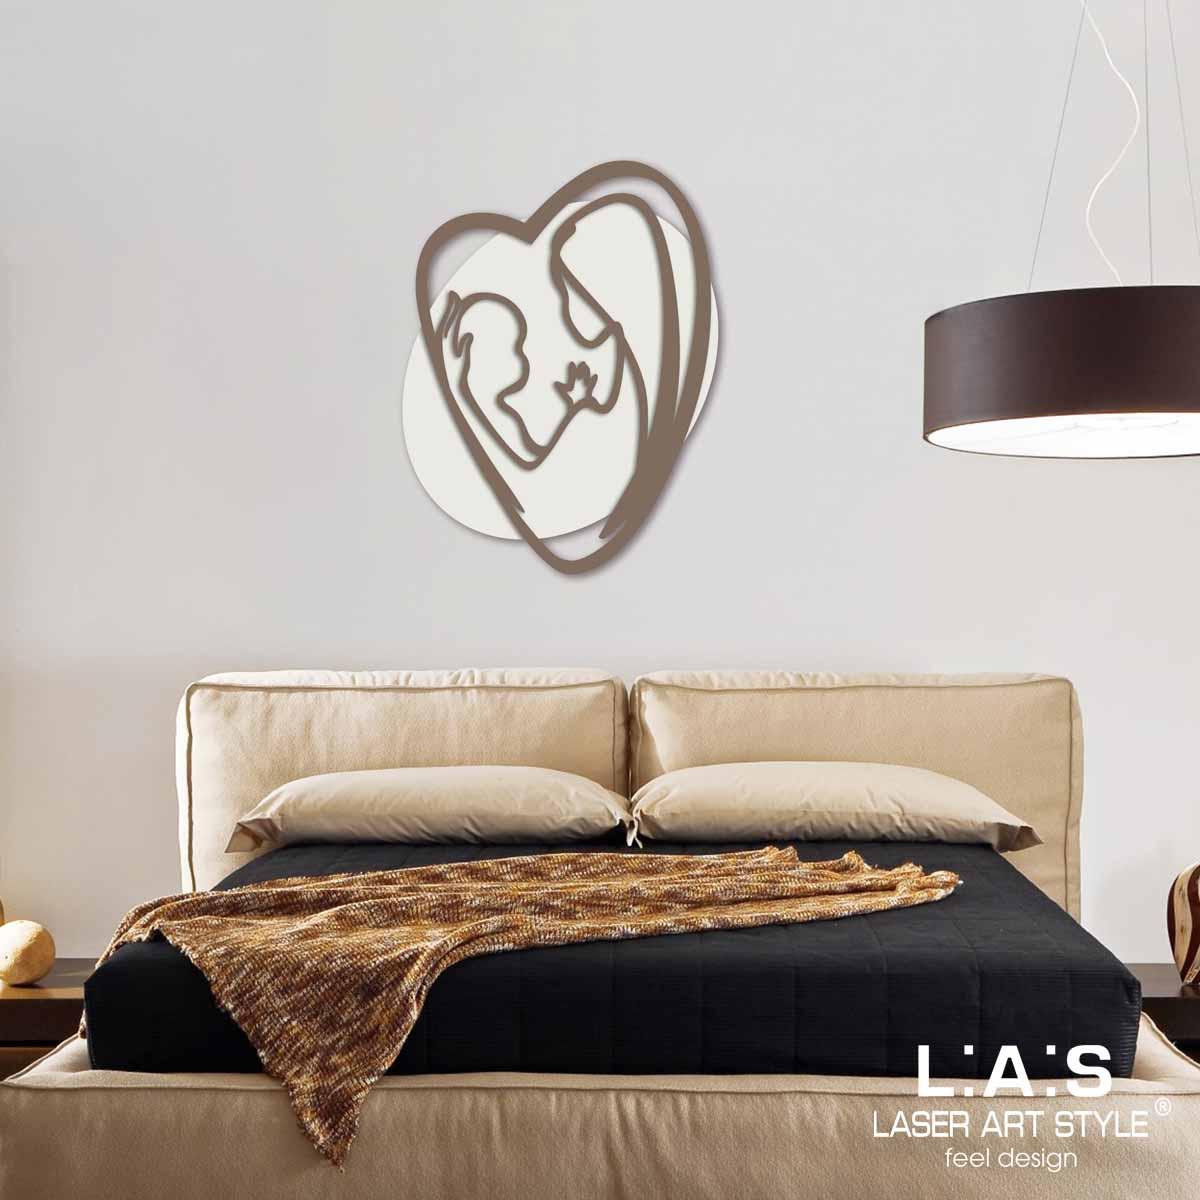 L:A:S - Laser Art Style - CAPEZZALE DESIGN MINIMAL – SI-227L PANNA-GRIGIO MARRONE